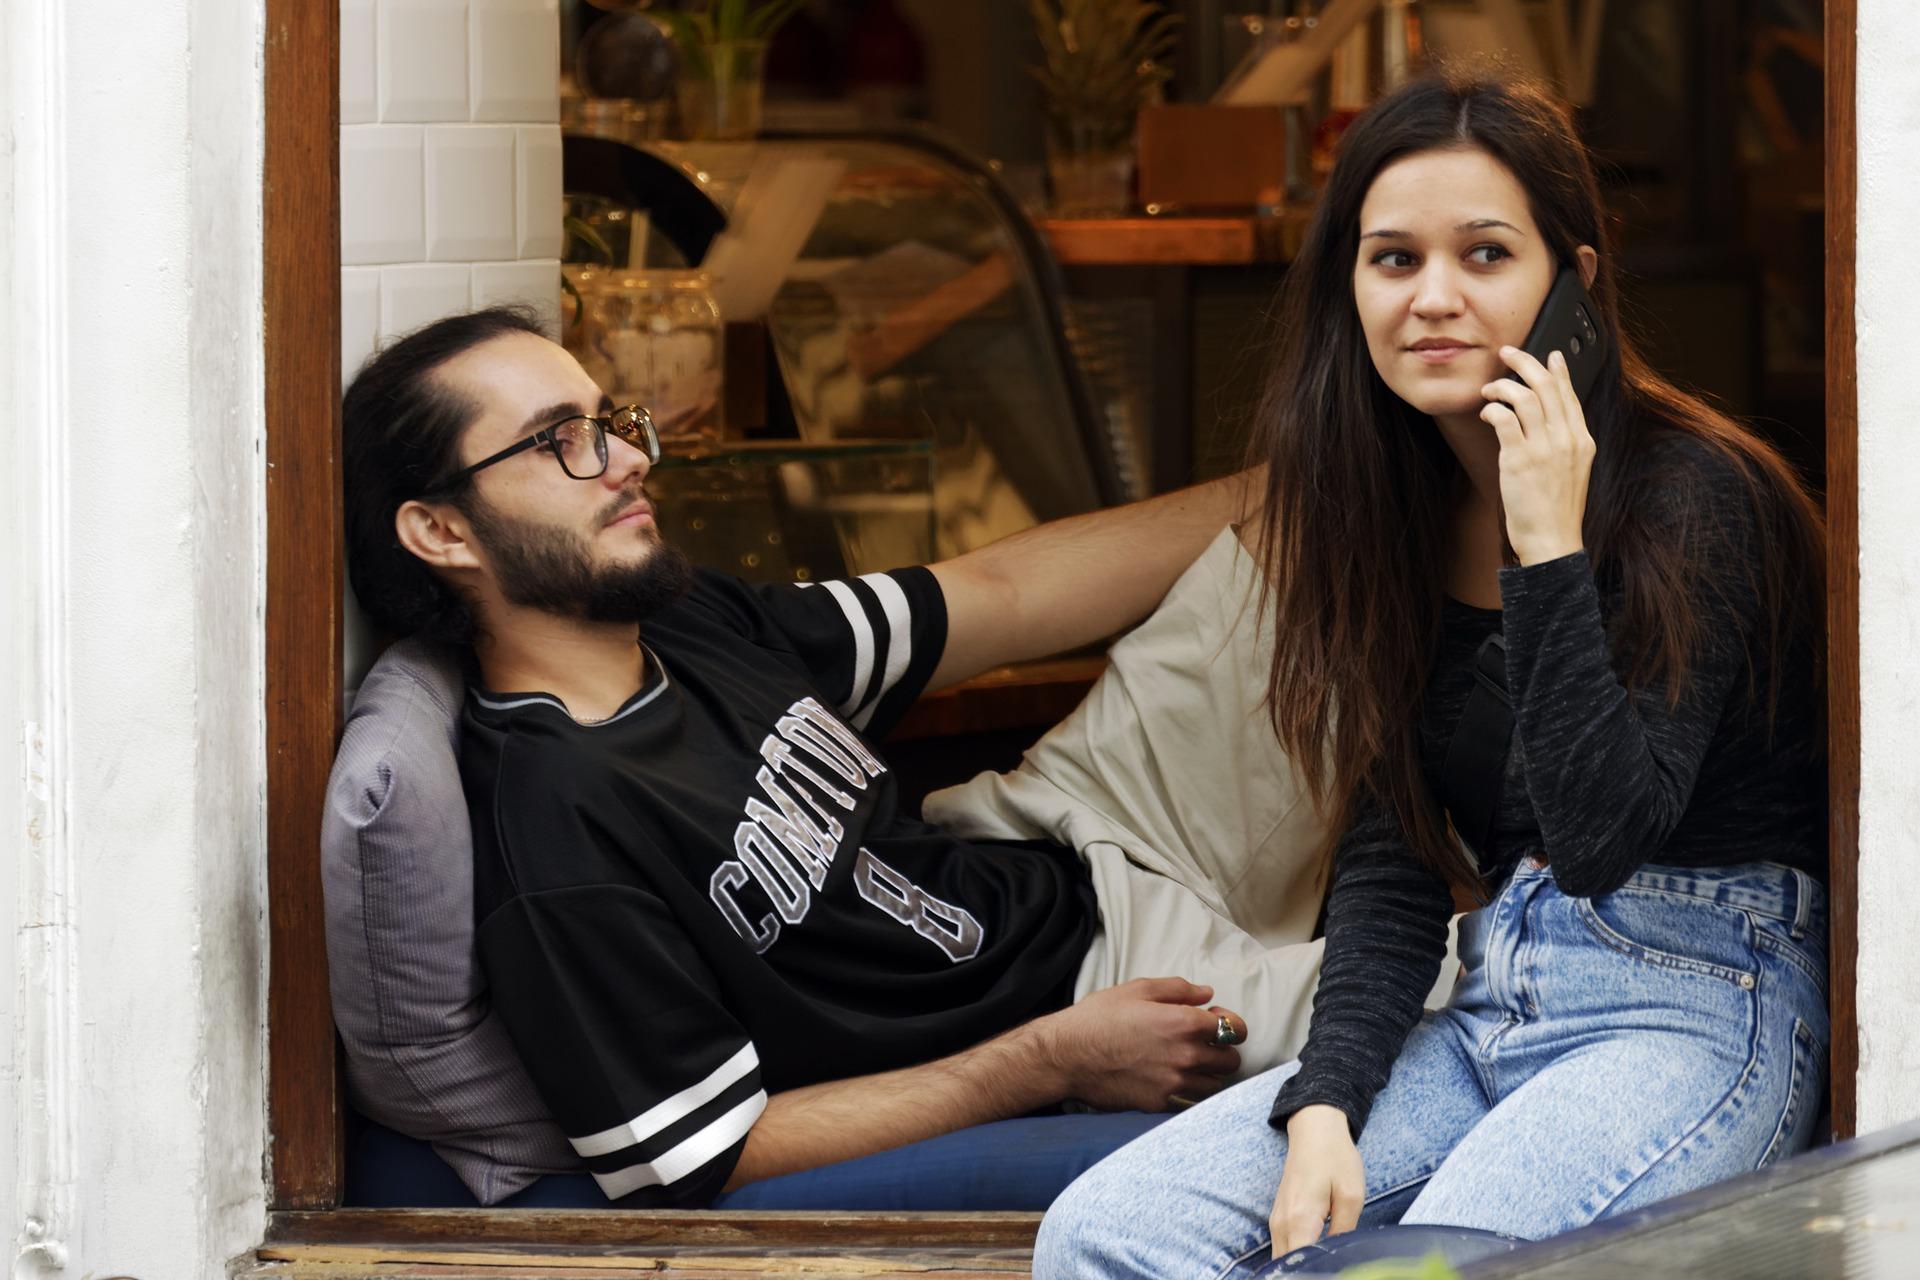 不倫アプリで既婚男性と連絡を取り合う時に注意すべき連絡の取り方と不倫バレを防ぐ方法